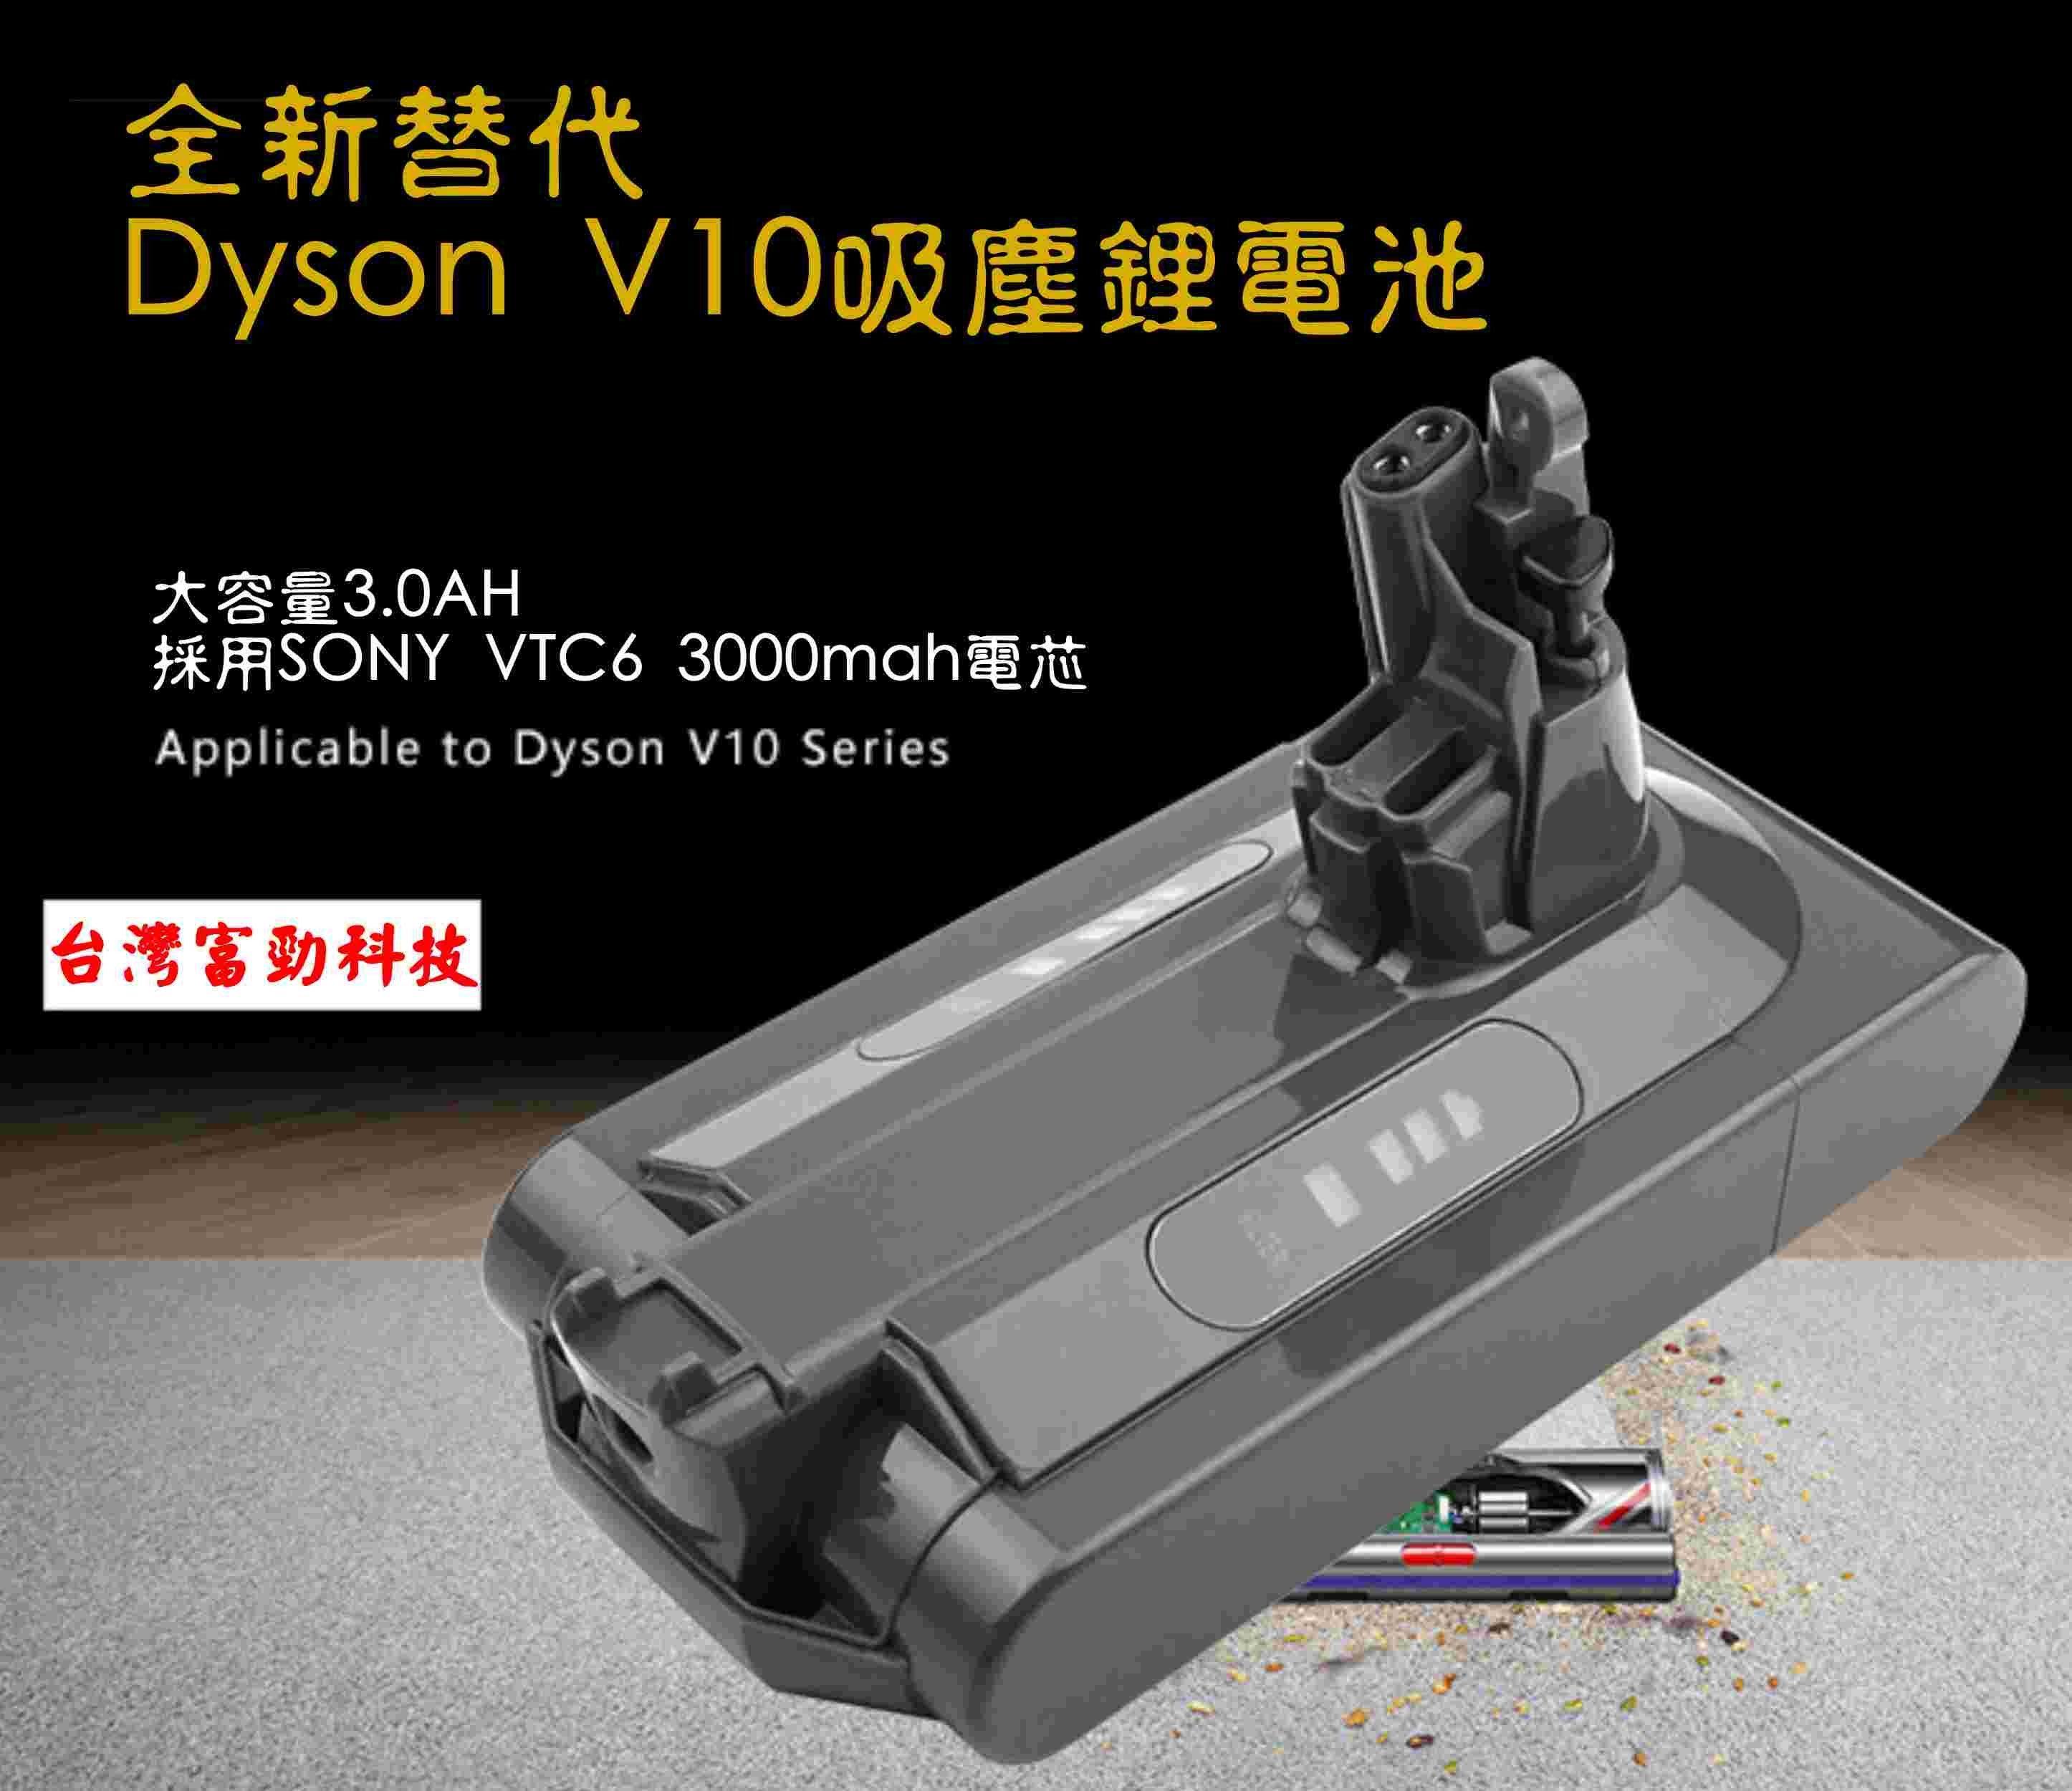 【富勁科技】Dyson V10吸塵器鋰電池維修 SONY VTC6電芯 一年保固